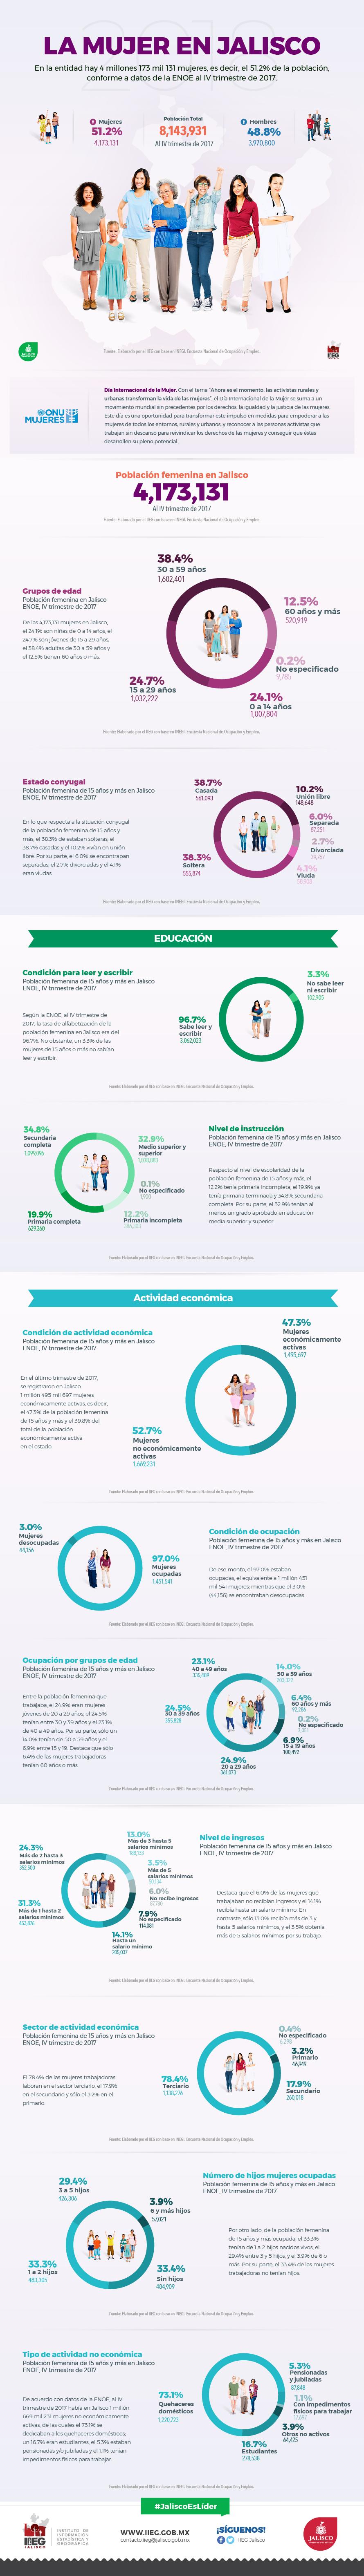 Infografía mujeres en jalisco 2018